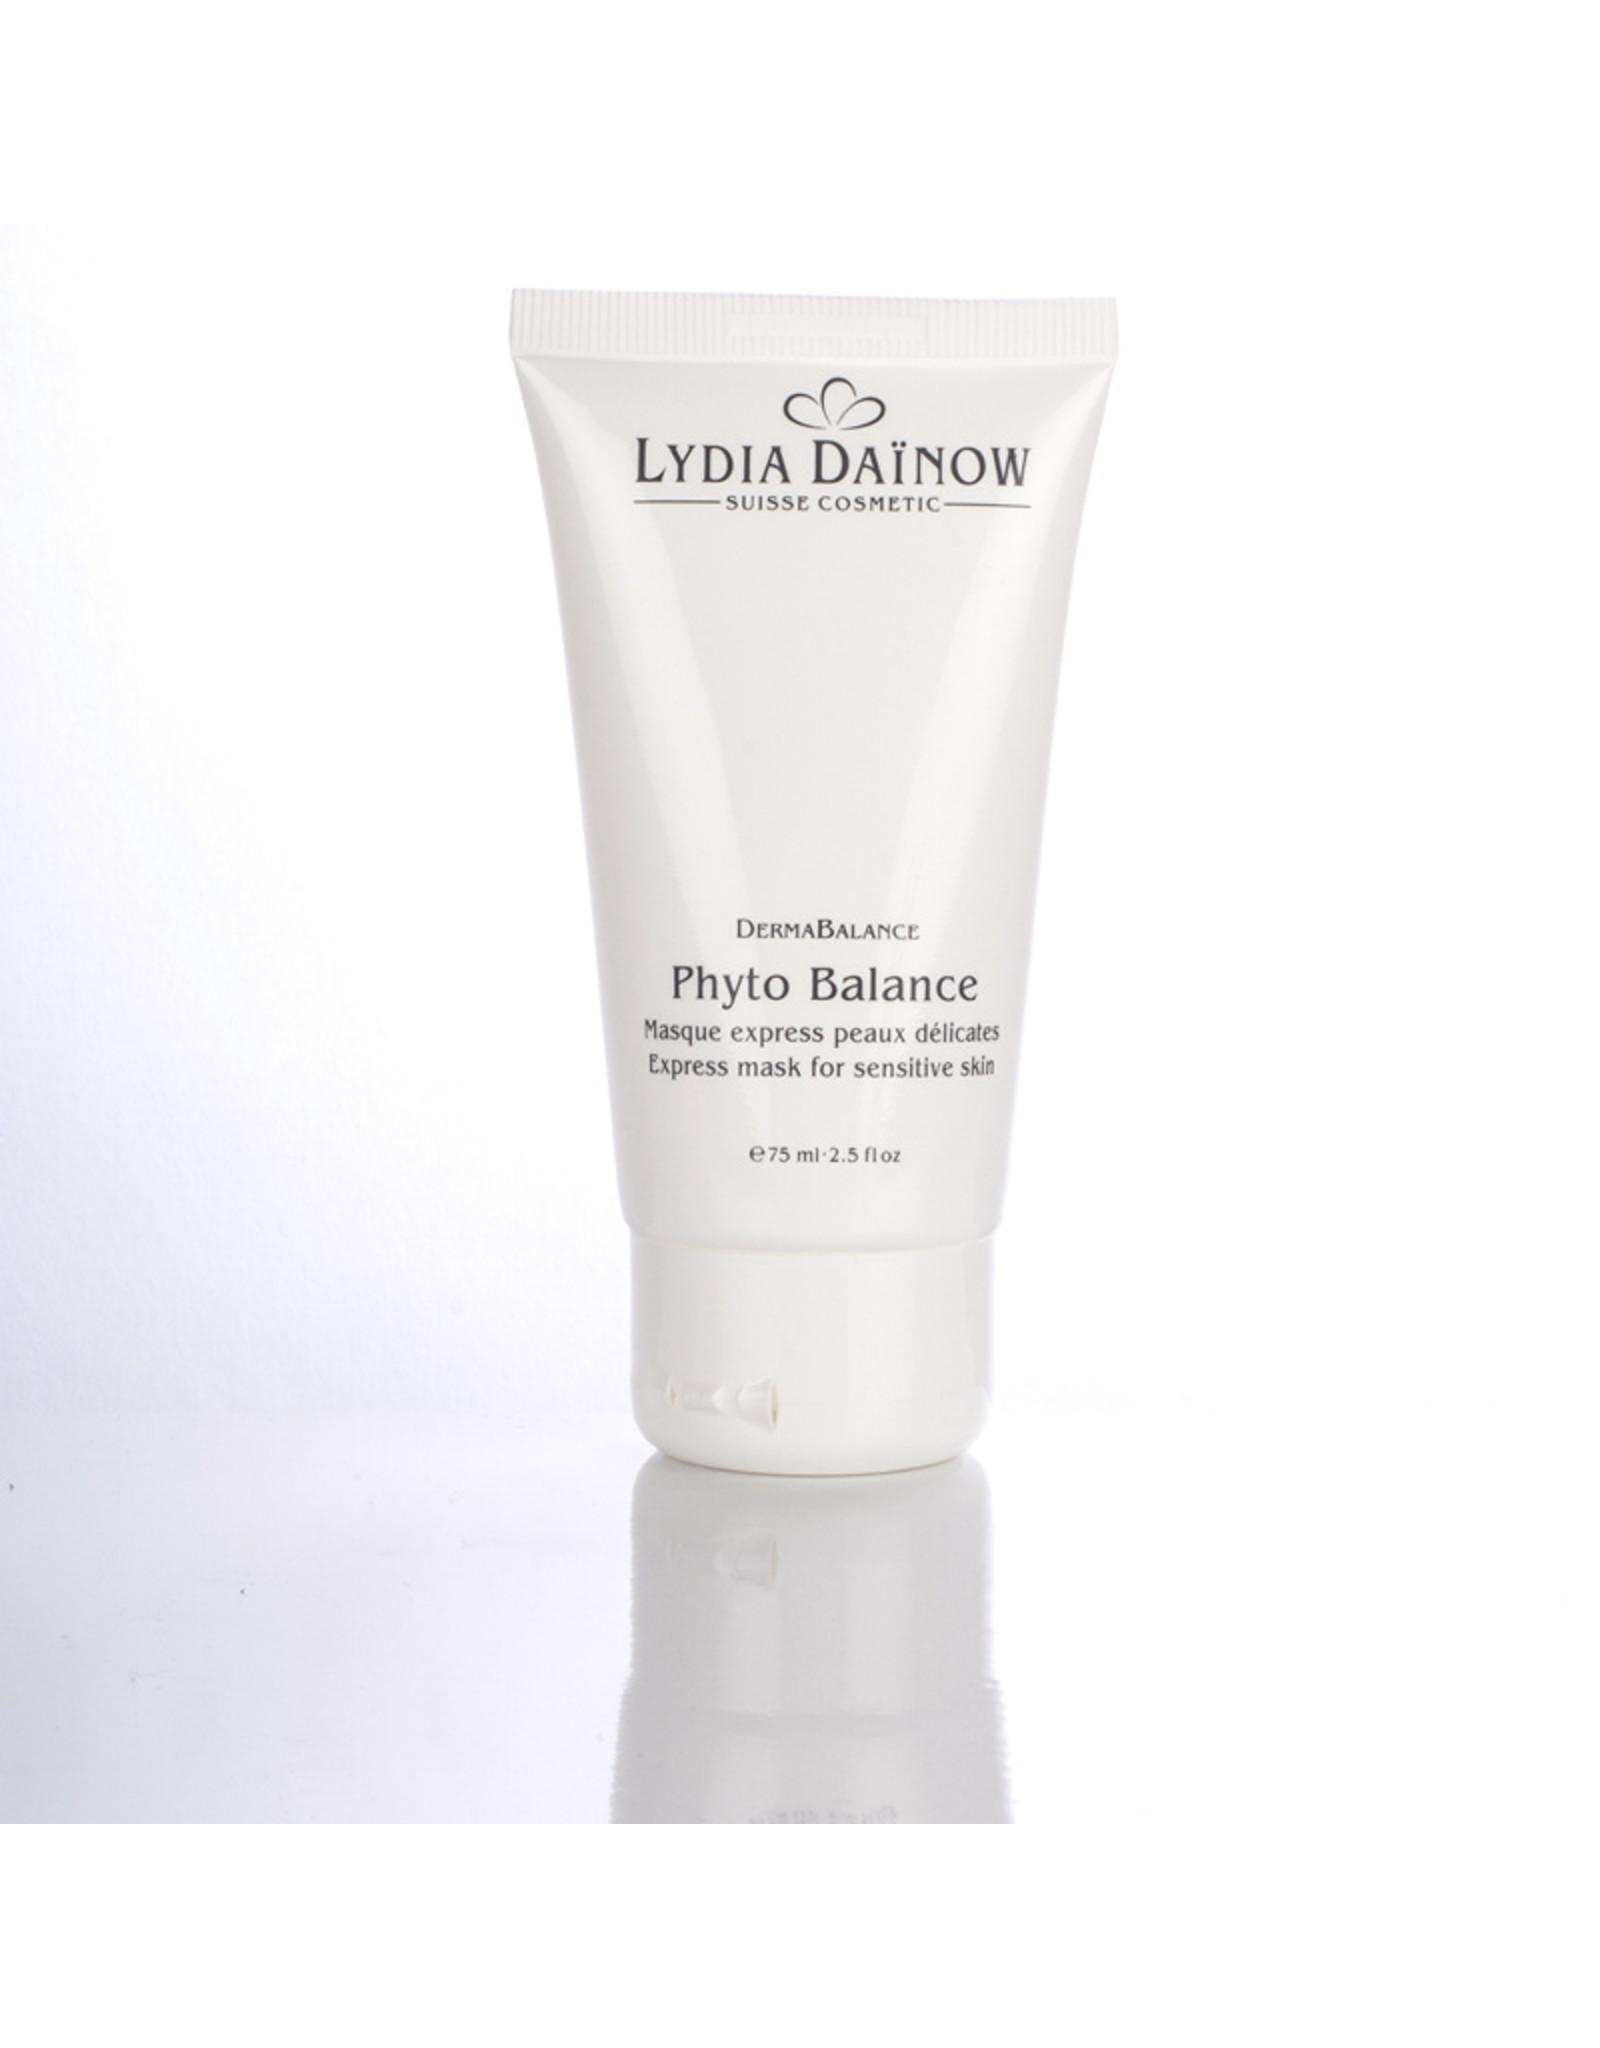 Lydïa Dainow Phyto Balance - Maske mit Hyaluronsäure